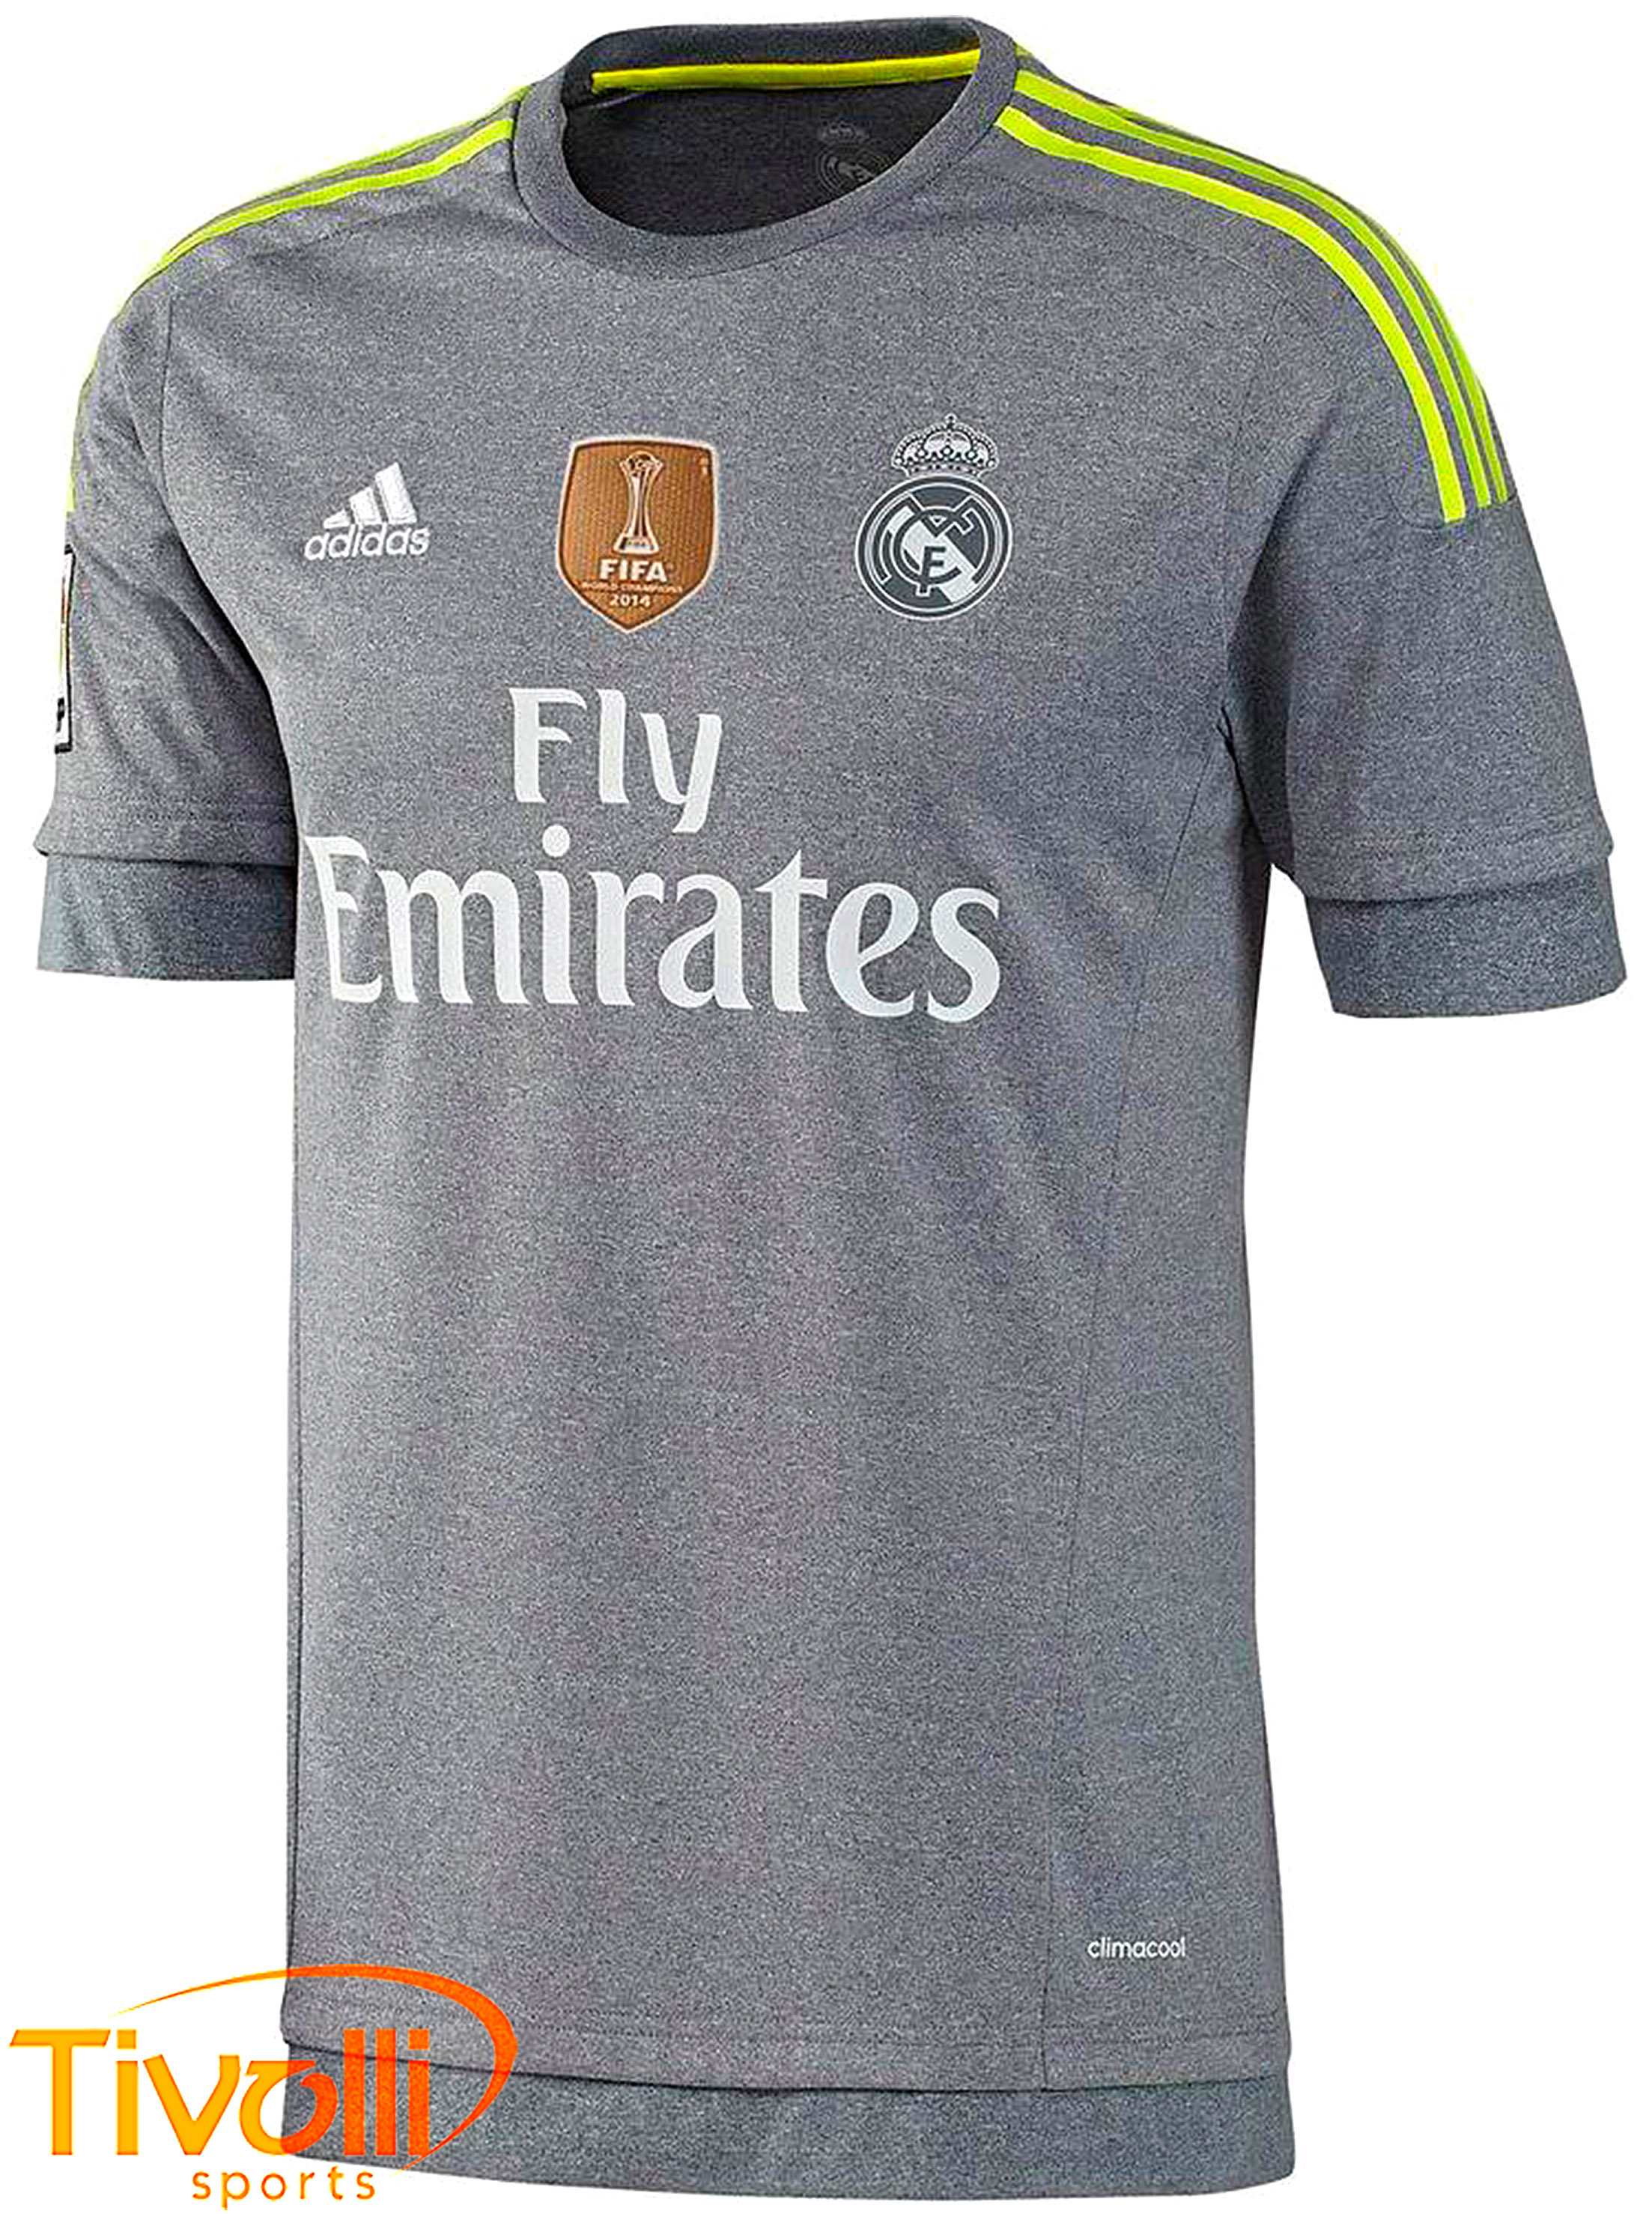 Camisa infantil Real Madrid II Boys Adidas 2015 2016 cinza mescla e verde  limão 5627e2d282ecb